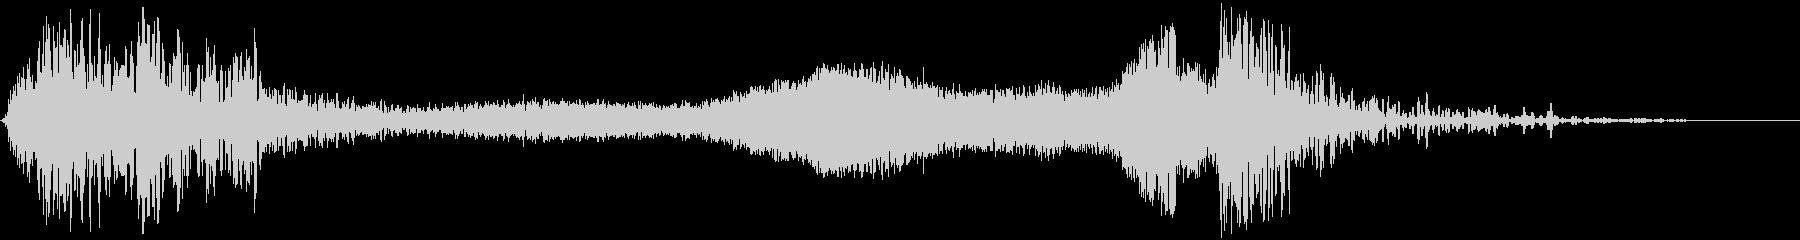 エレクトロ・アコースティック・ミュ...の未再生の波形